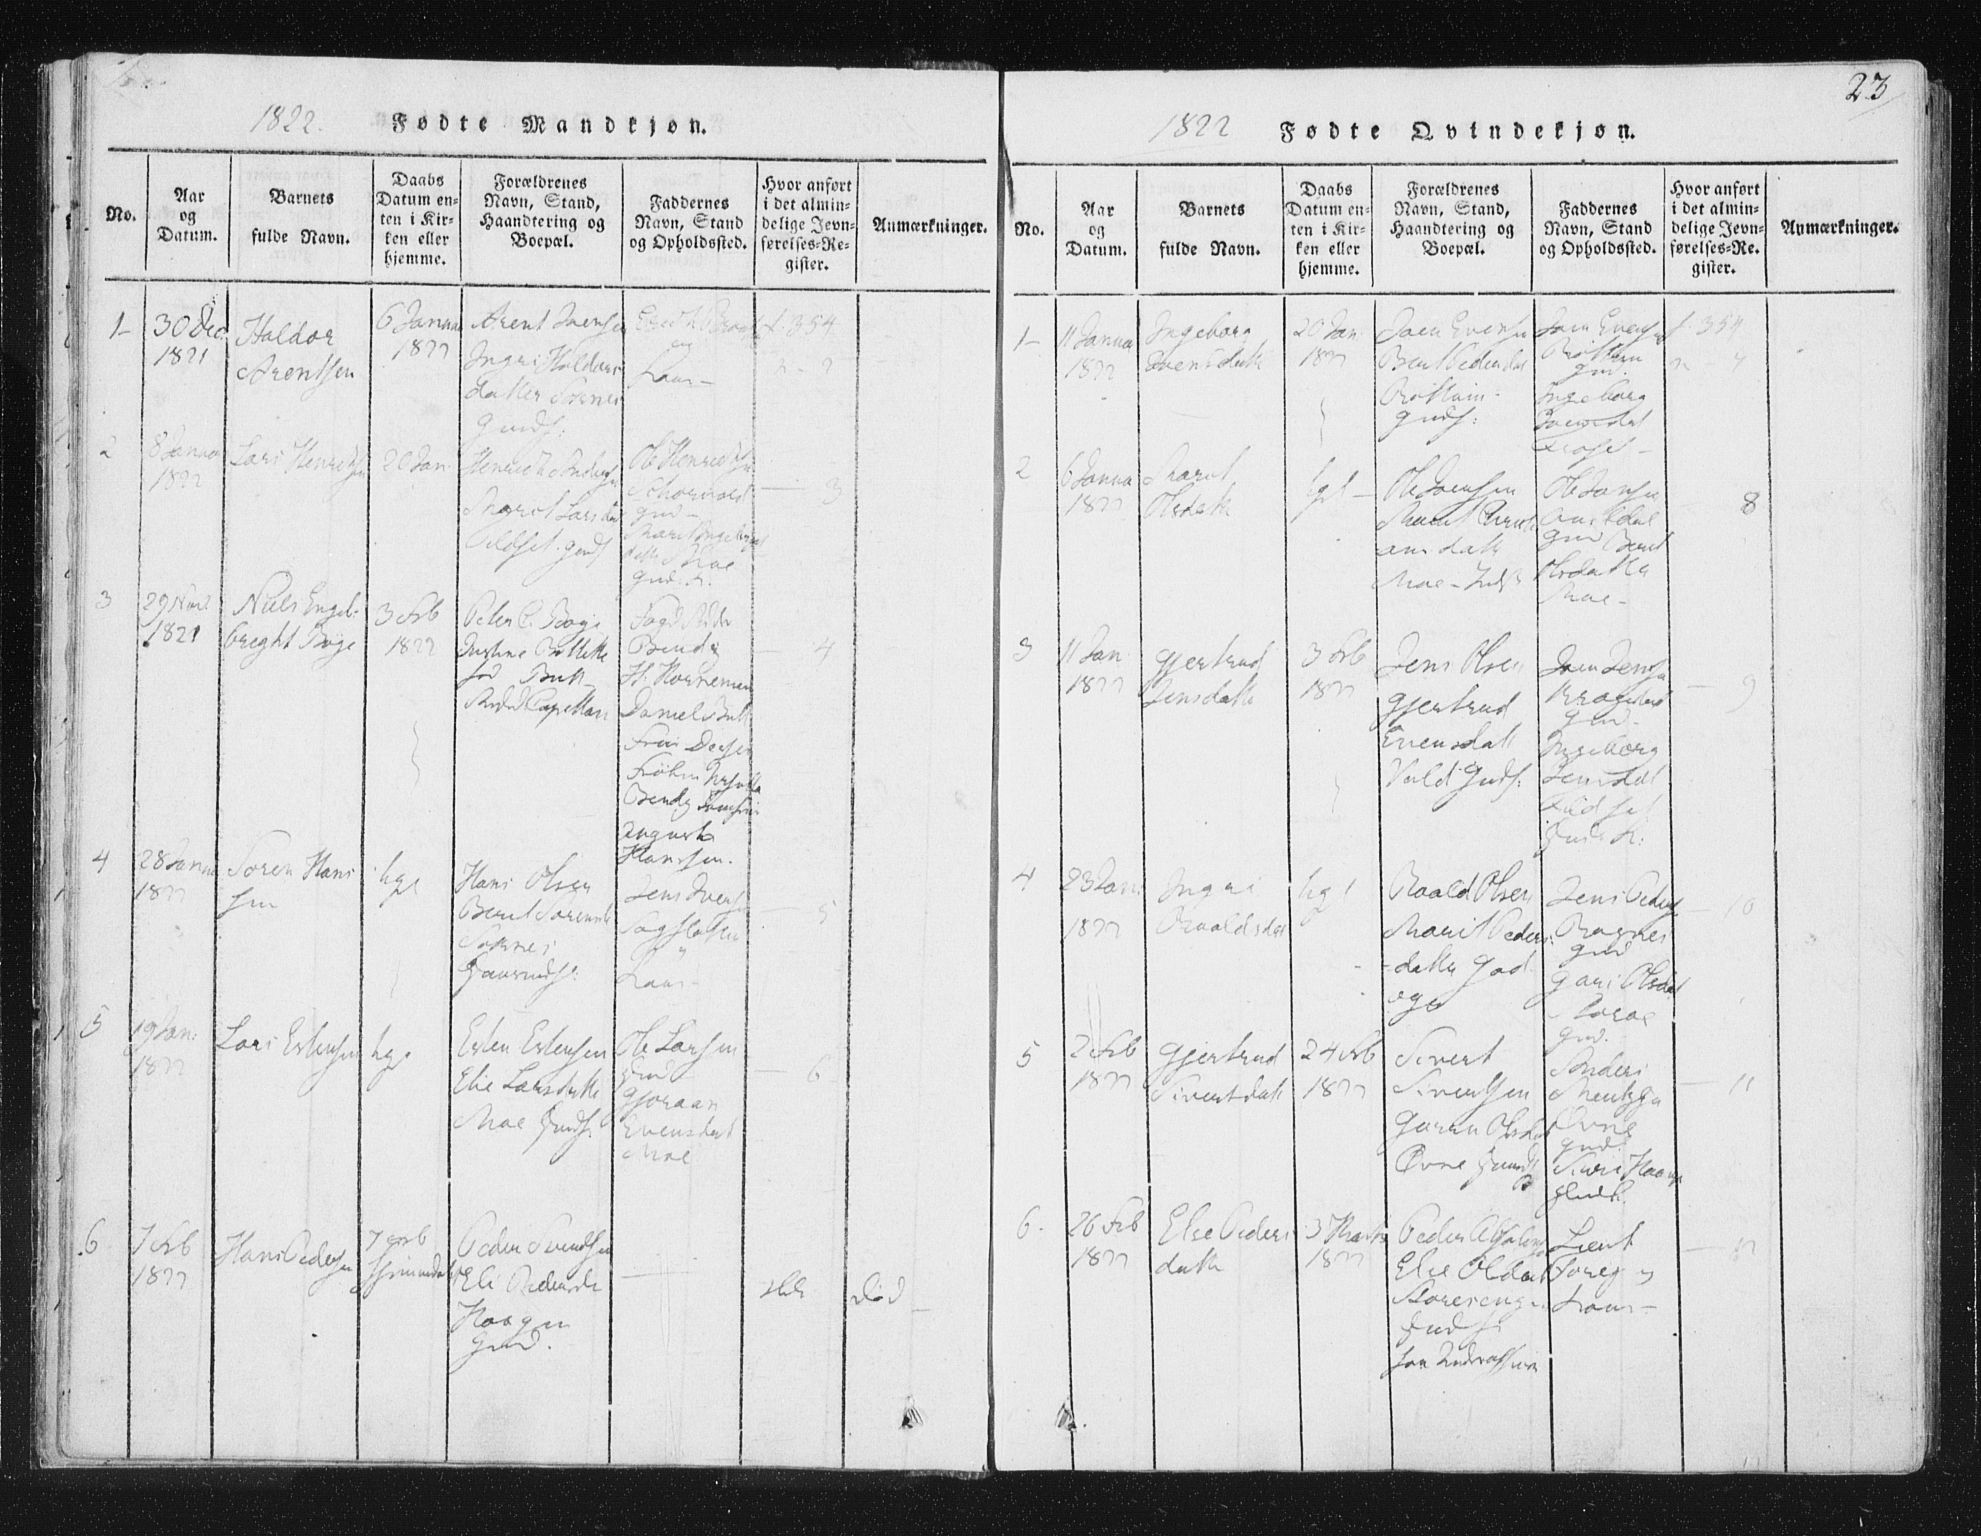 SAT, Ministerialprotokoller, klokkerbøker og fødselsregistre - Sør-Trøndelag, 687/L0996: Ministerialbok nr. 687A04, 1816-1842, s. 23